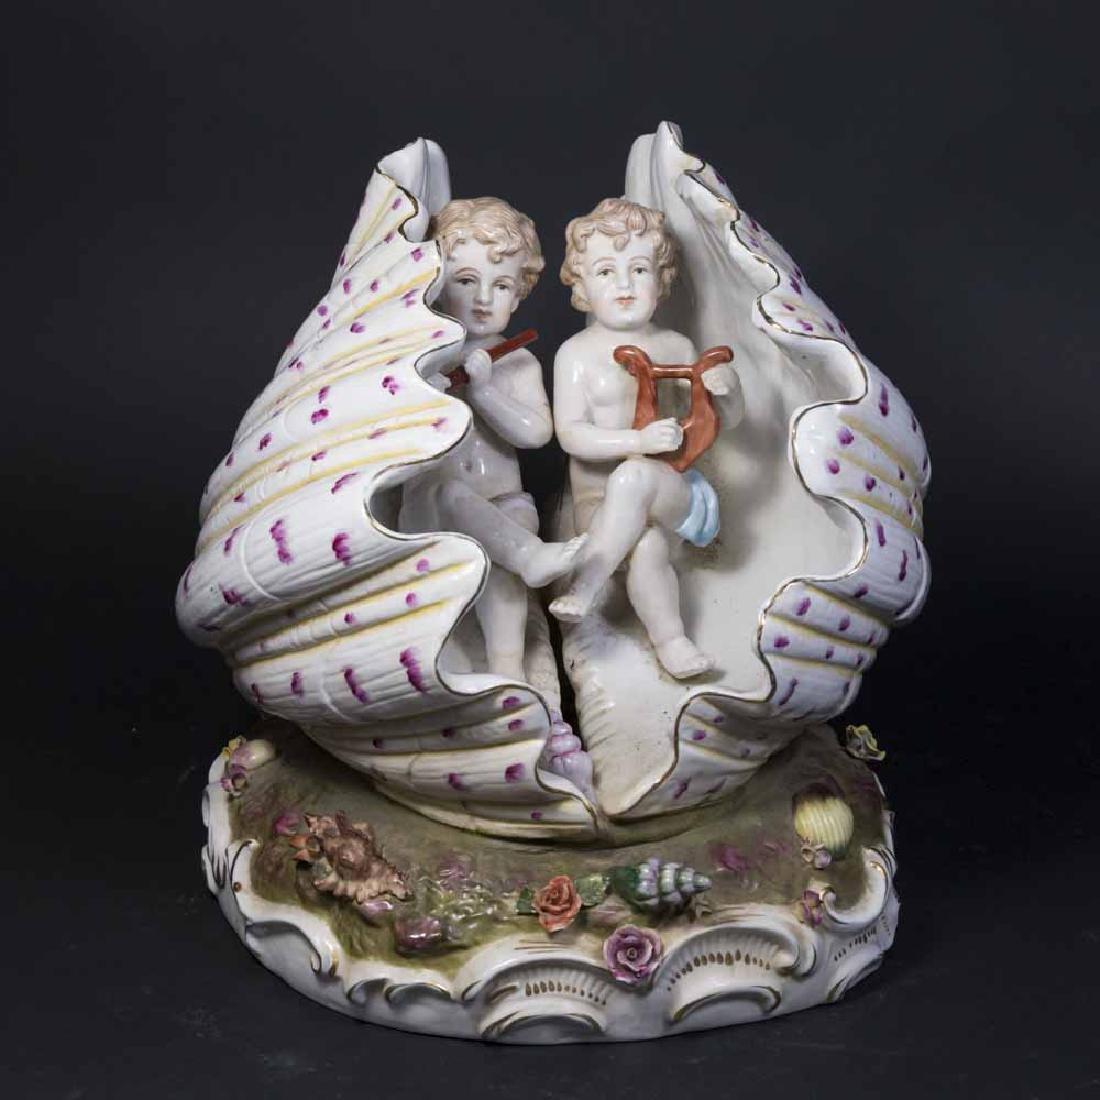 European Porcelain Figure